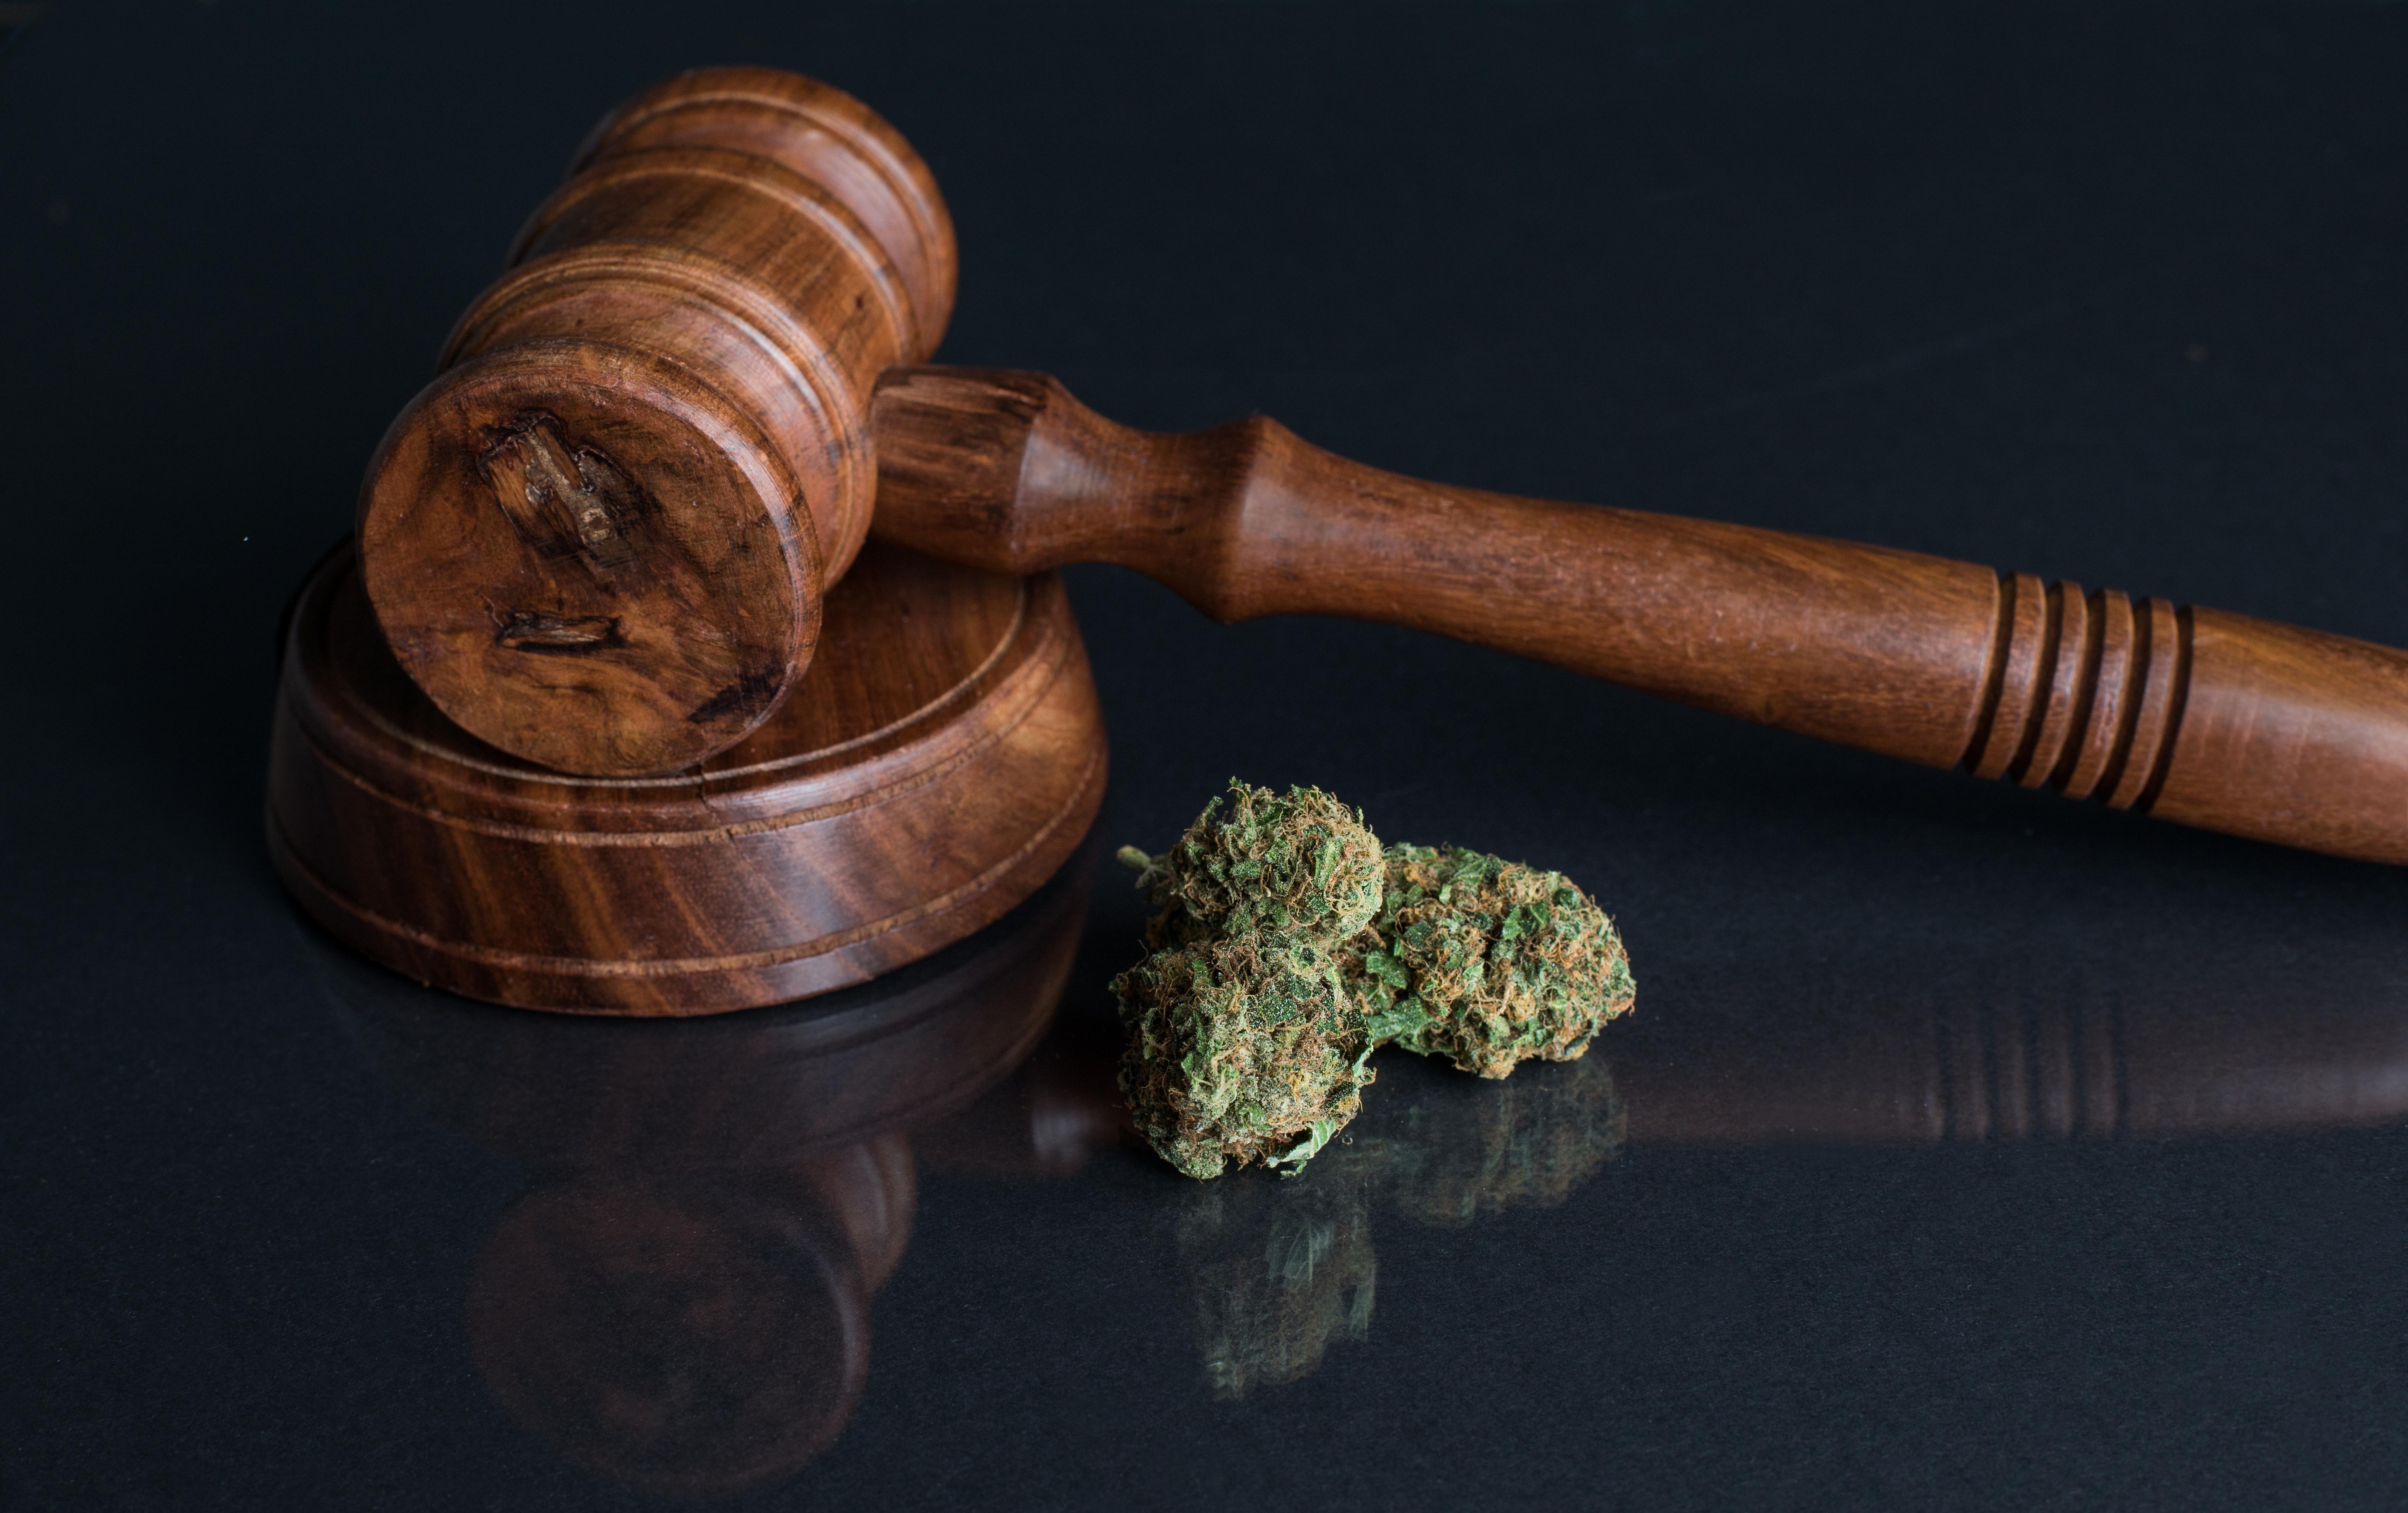 ביטול הרשעה לצעיר שהואשם בסחר ותיווך בסמים